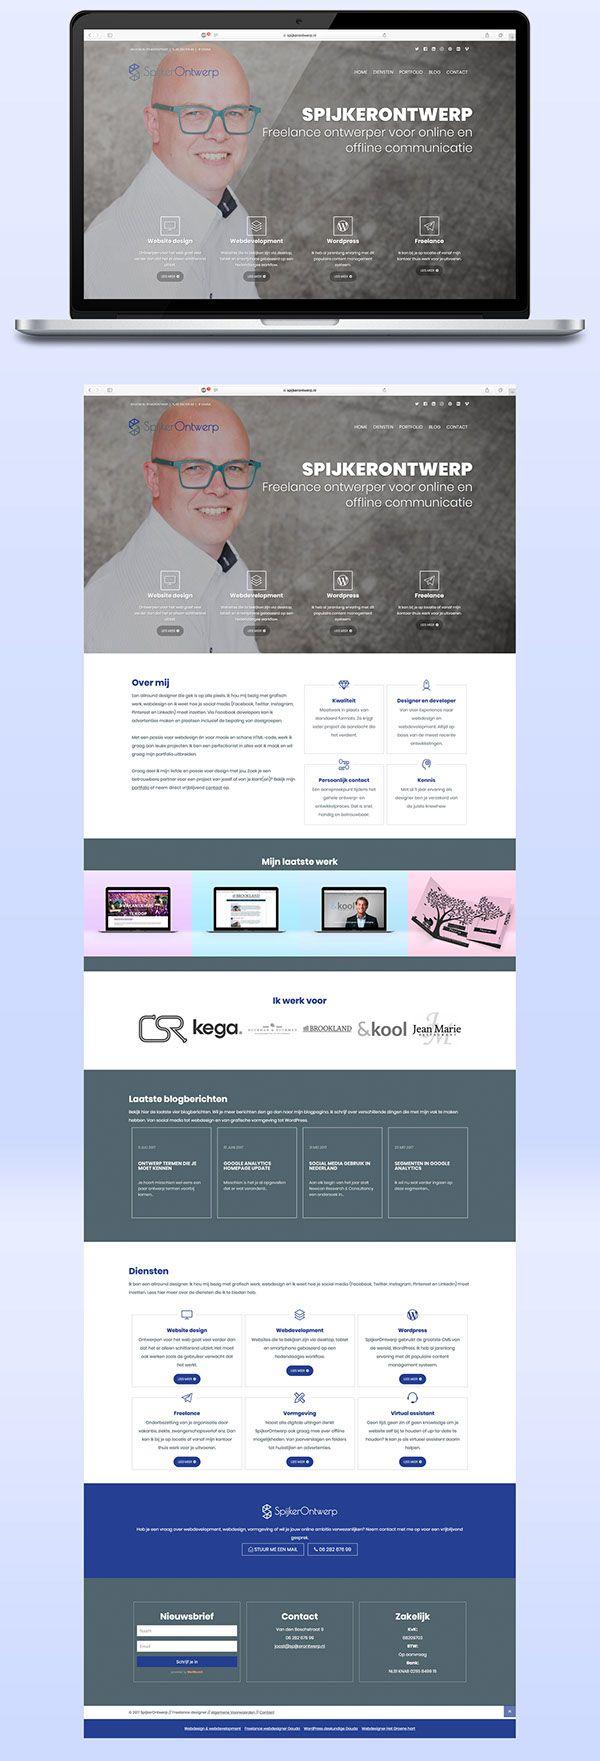 Responsive website voor mijn bedrijf SpijkerOntwerp. Met een aparte portfolio pagina en blog-pagina. Gemaakt in HTML/CSS en uiteindelijk omgezet naar Wordpress. #website #webdesign #responsive #wordpress #design